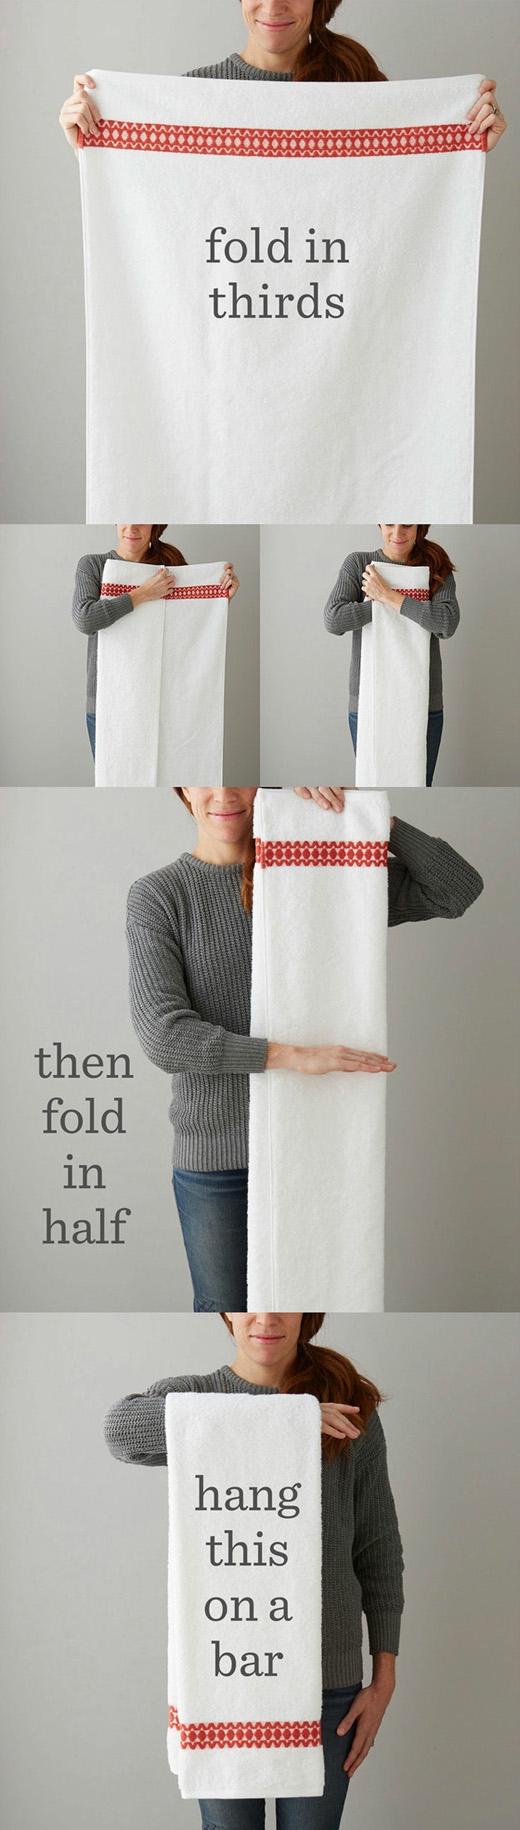 Thêm một cách gấp khăn dành cho bạn.(Ảnh: Buzzfeed)